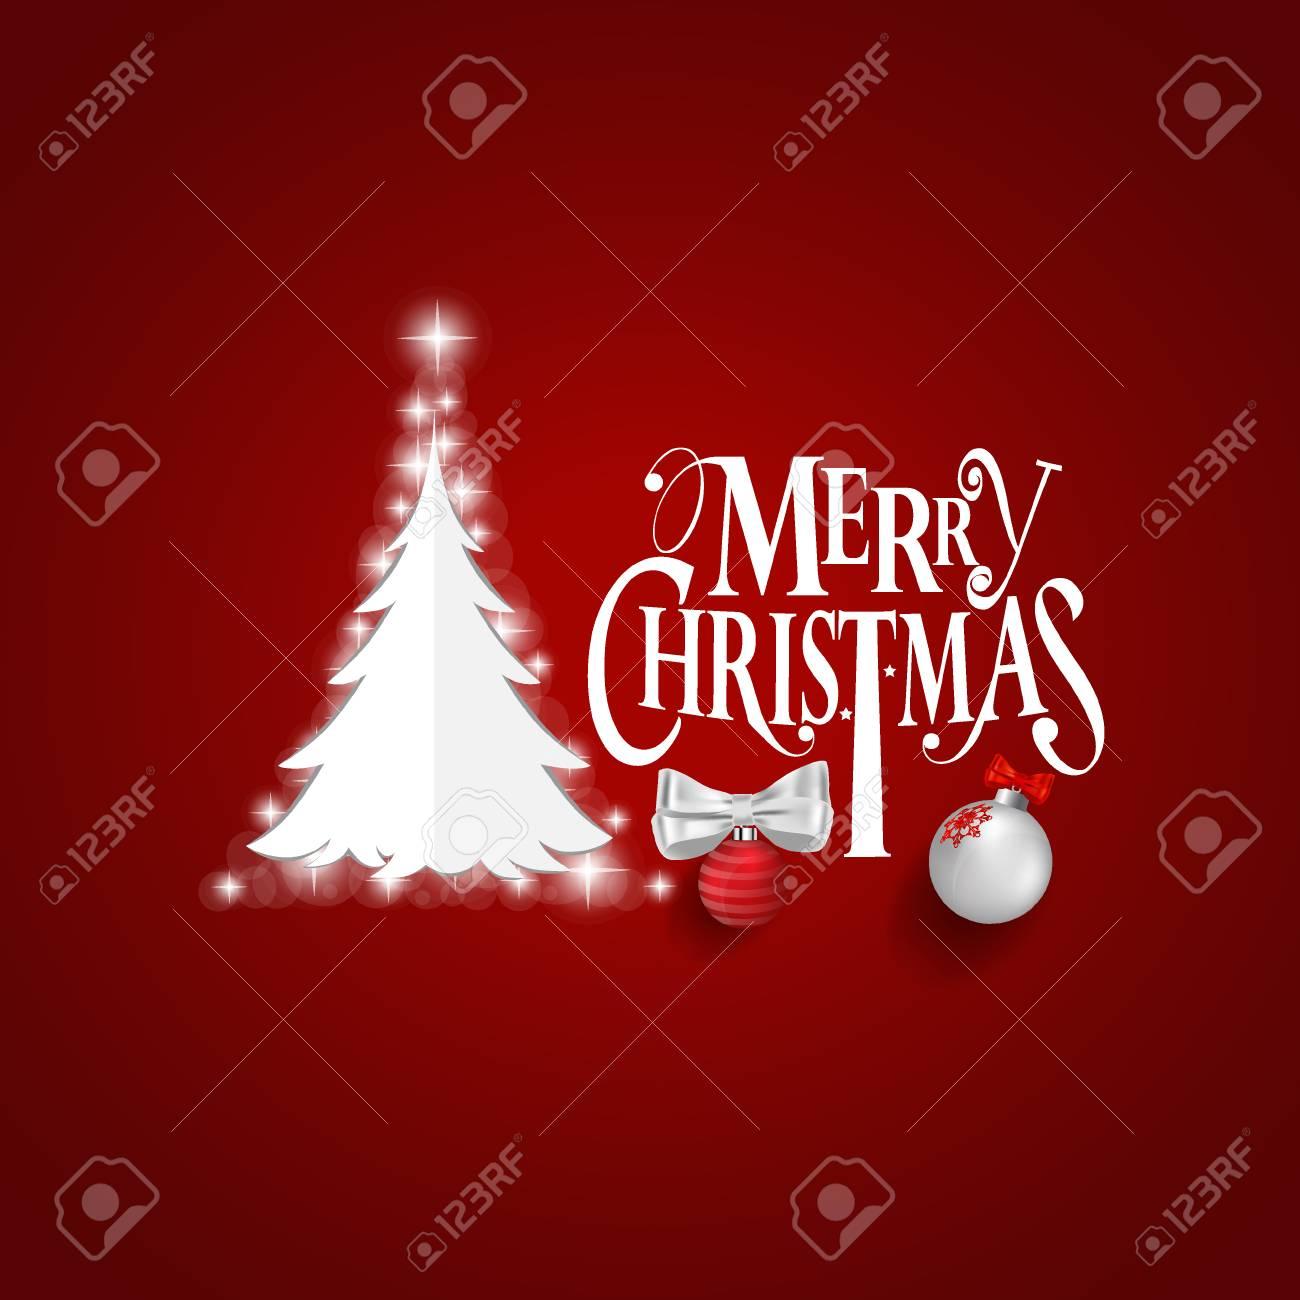 Karte Frohe Weihnachten.Stock Photo